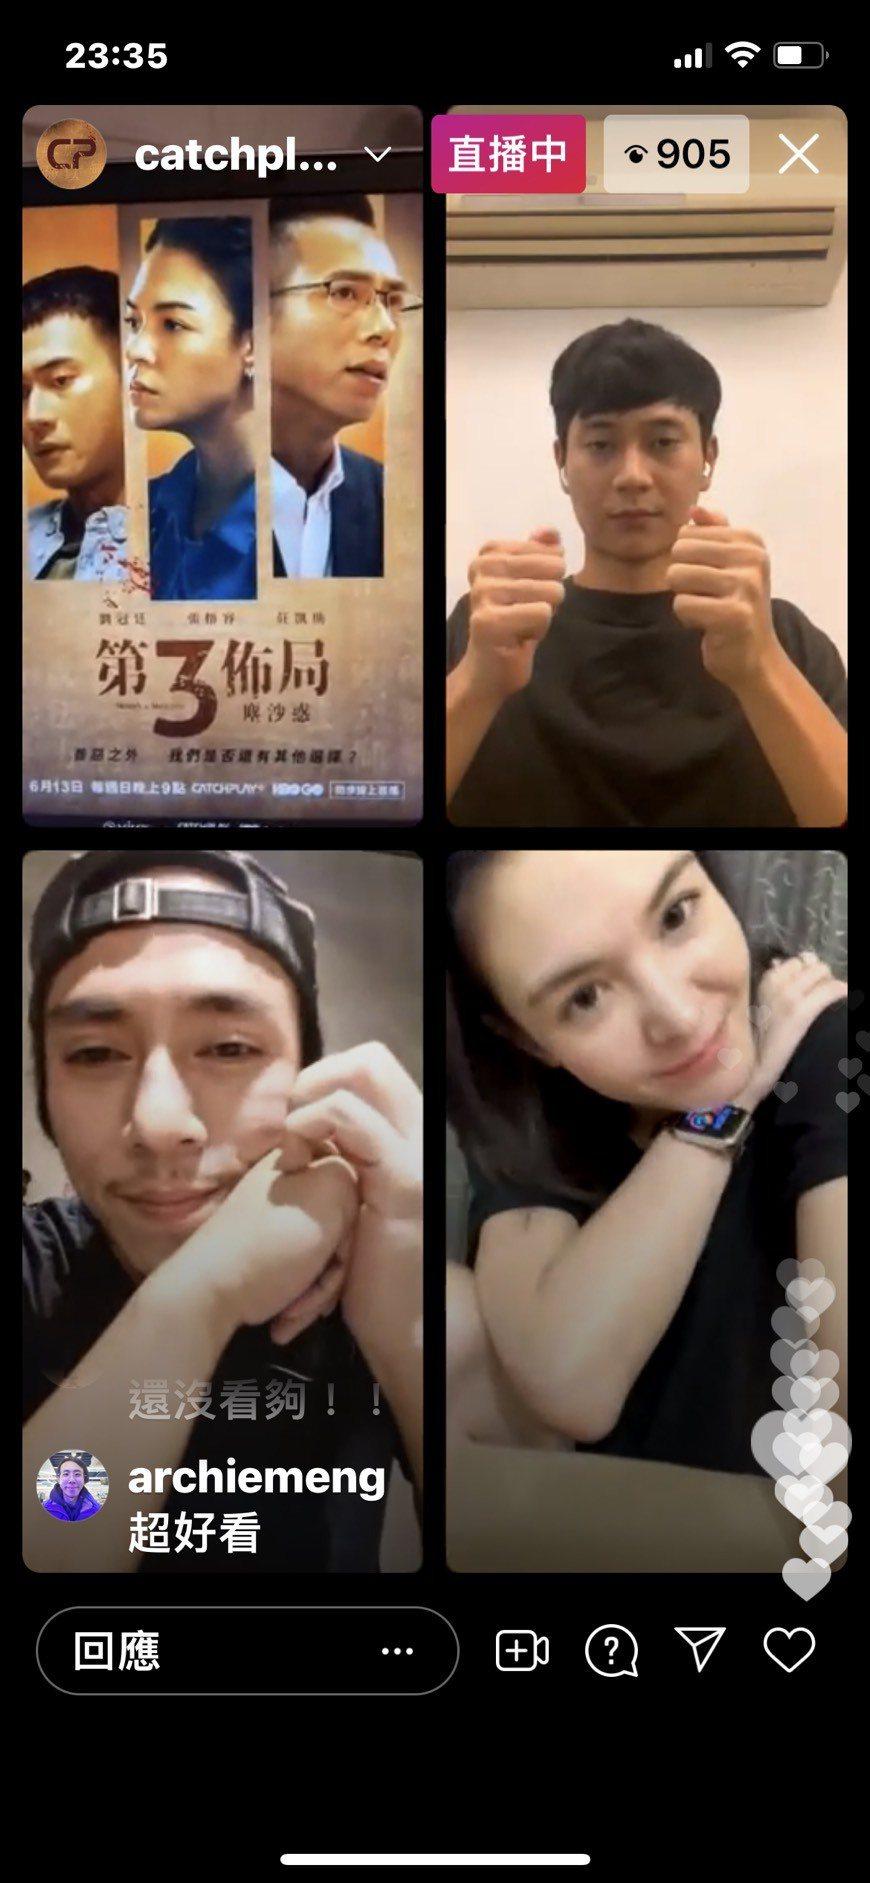 劉冠廷、莊凱勛、張榕容為新戲「第三佈局 塵沙惑」上IG直播。圖/CATCHPLA...